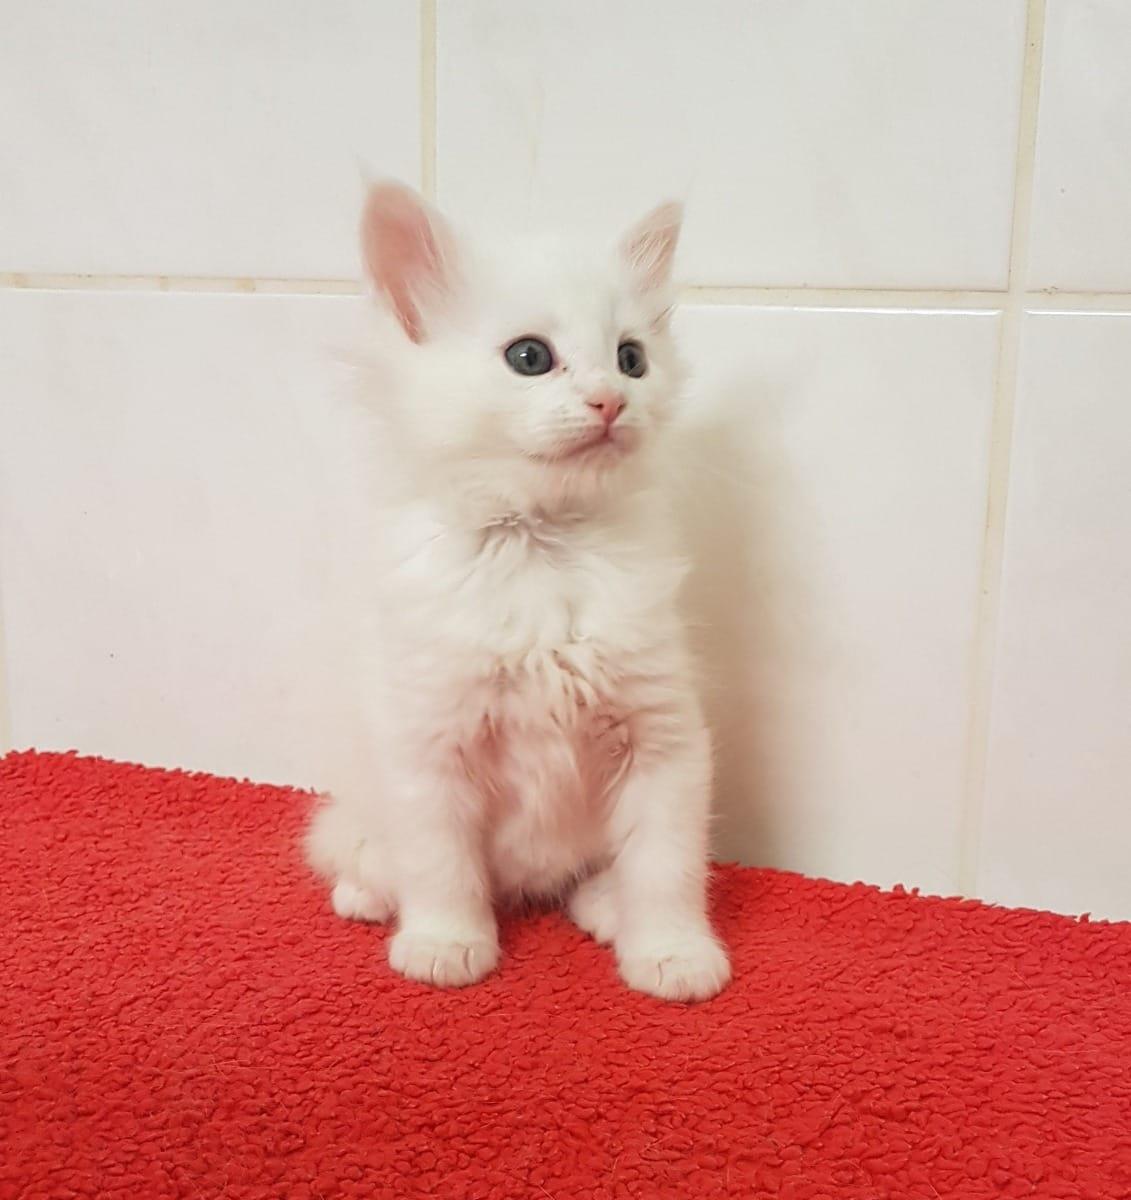 Ziemlich Süße Kätzchen Malvorlagen Fotos - Malvorlagen Von Tieren ...